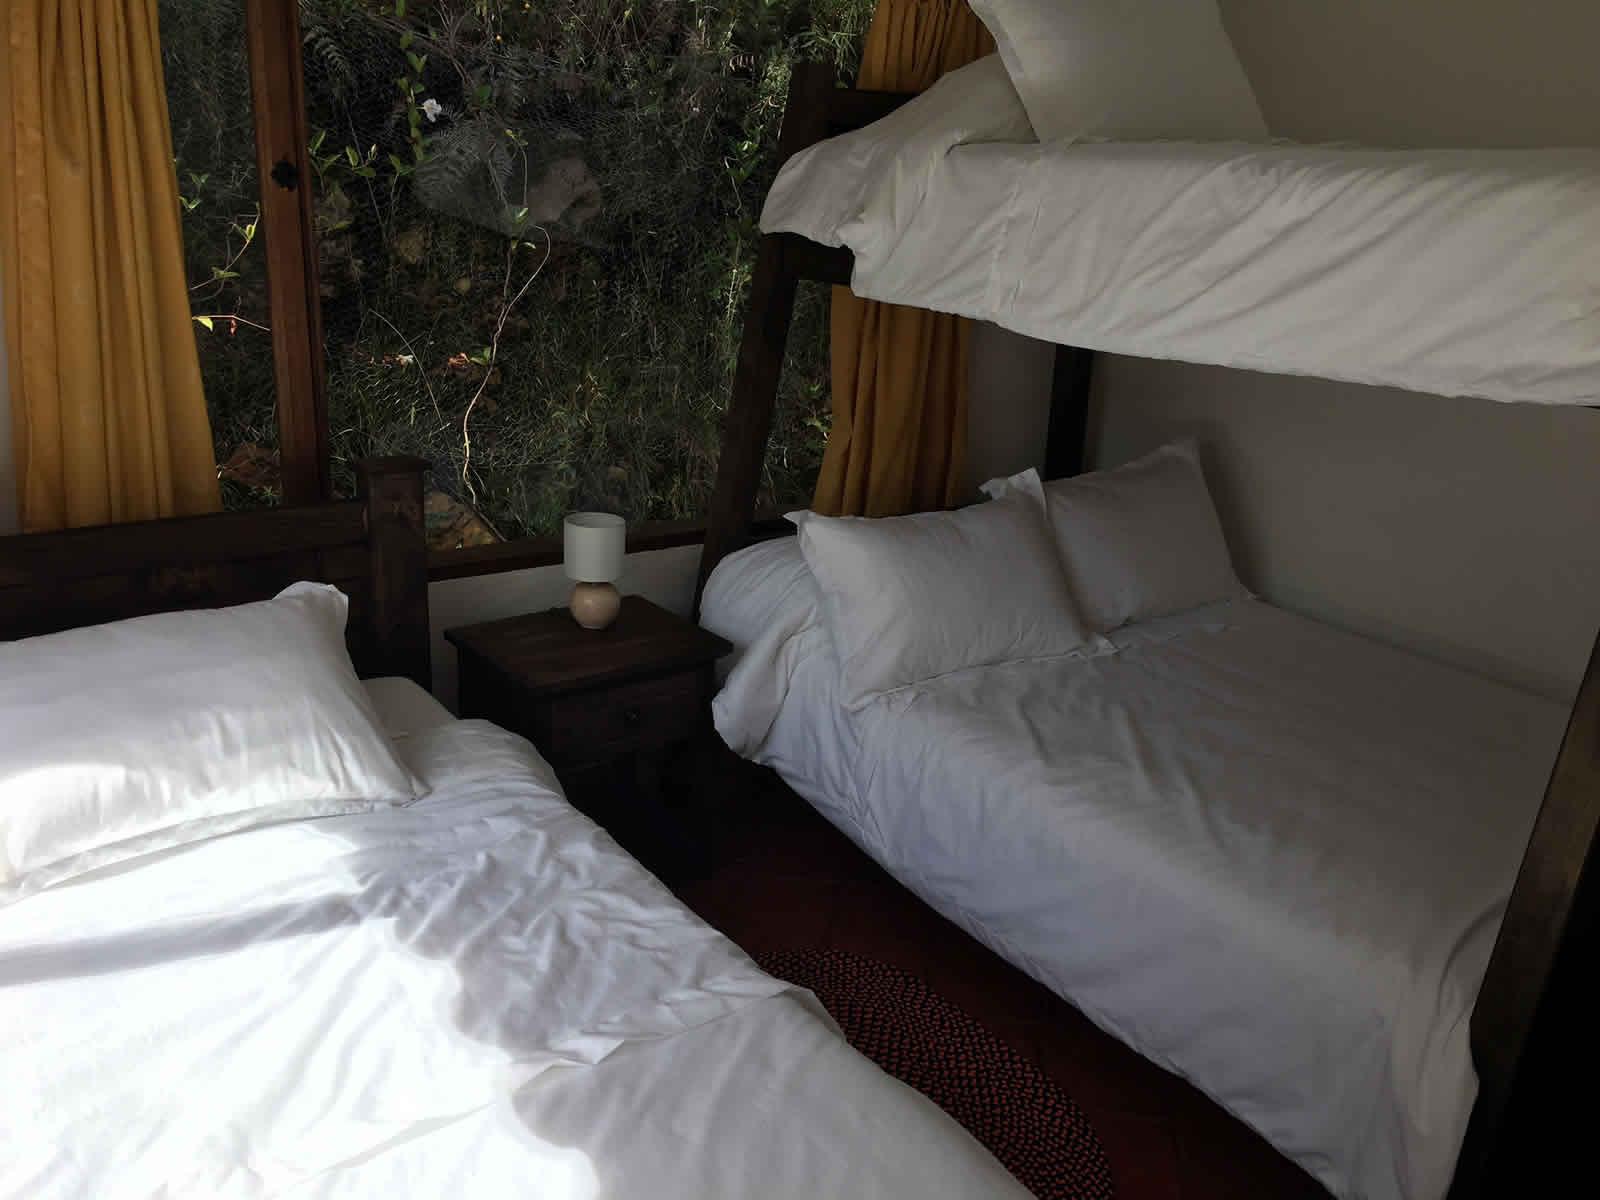 Alquiler cabaña El Paraíso en Villa de Leyva - habitación 2